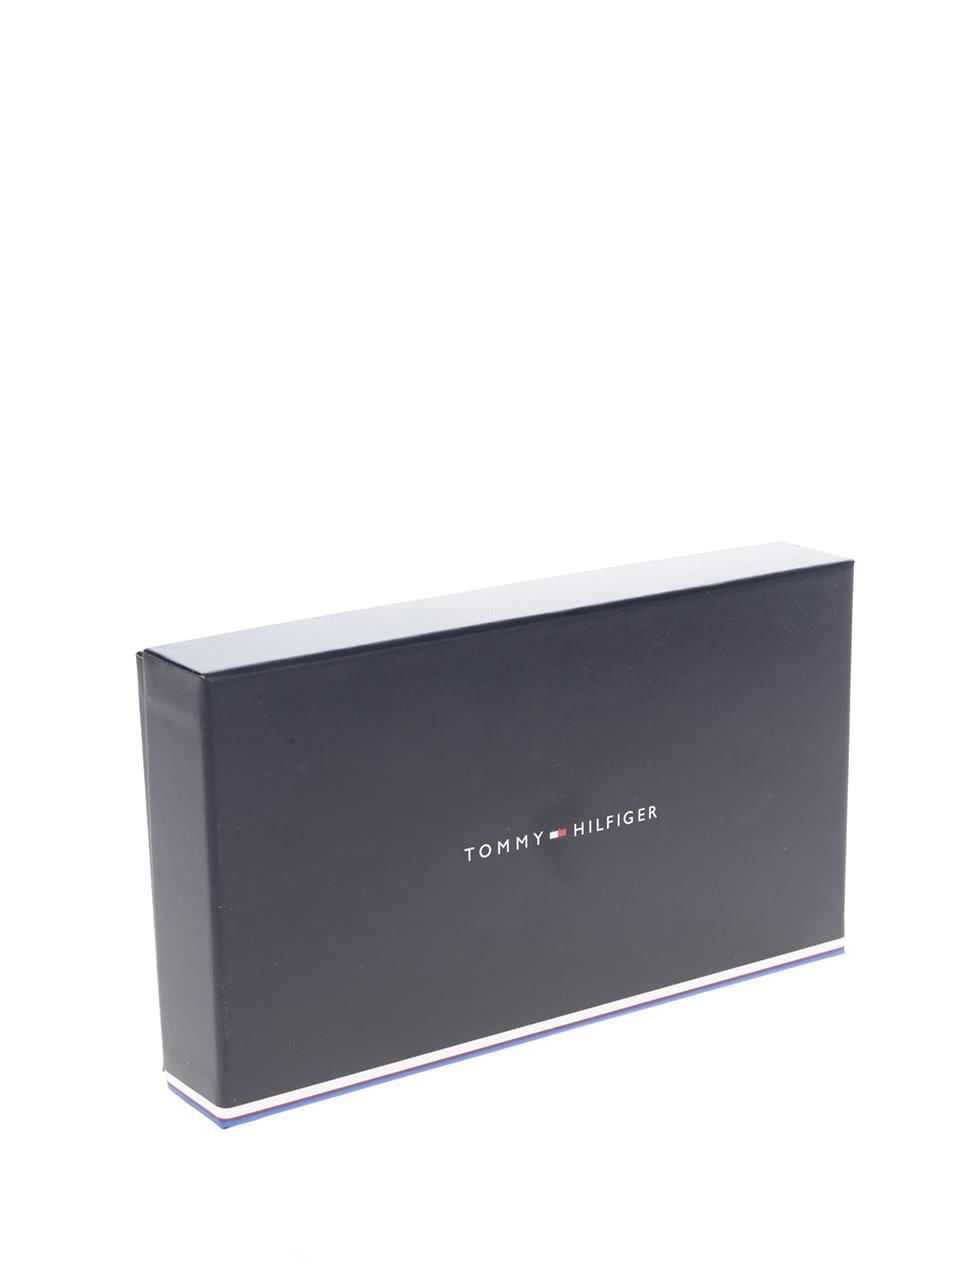 Krémovo-červená dámska peňaženka na zips s aplikáciou Tommy Hilfiger ... 8aebf3d5216